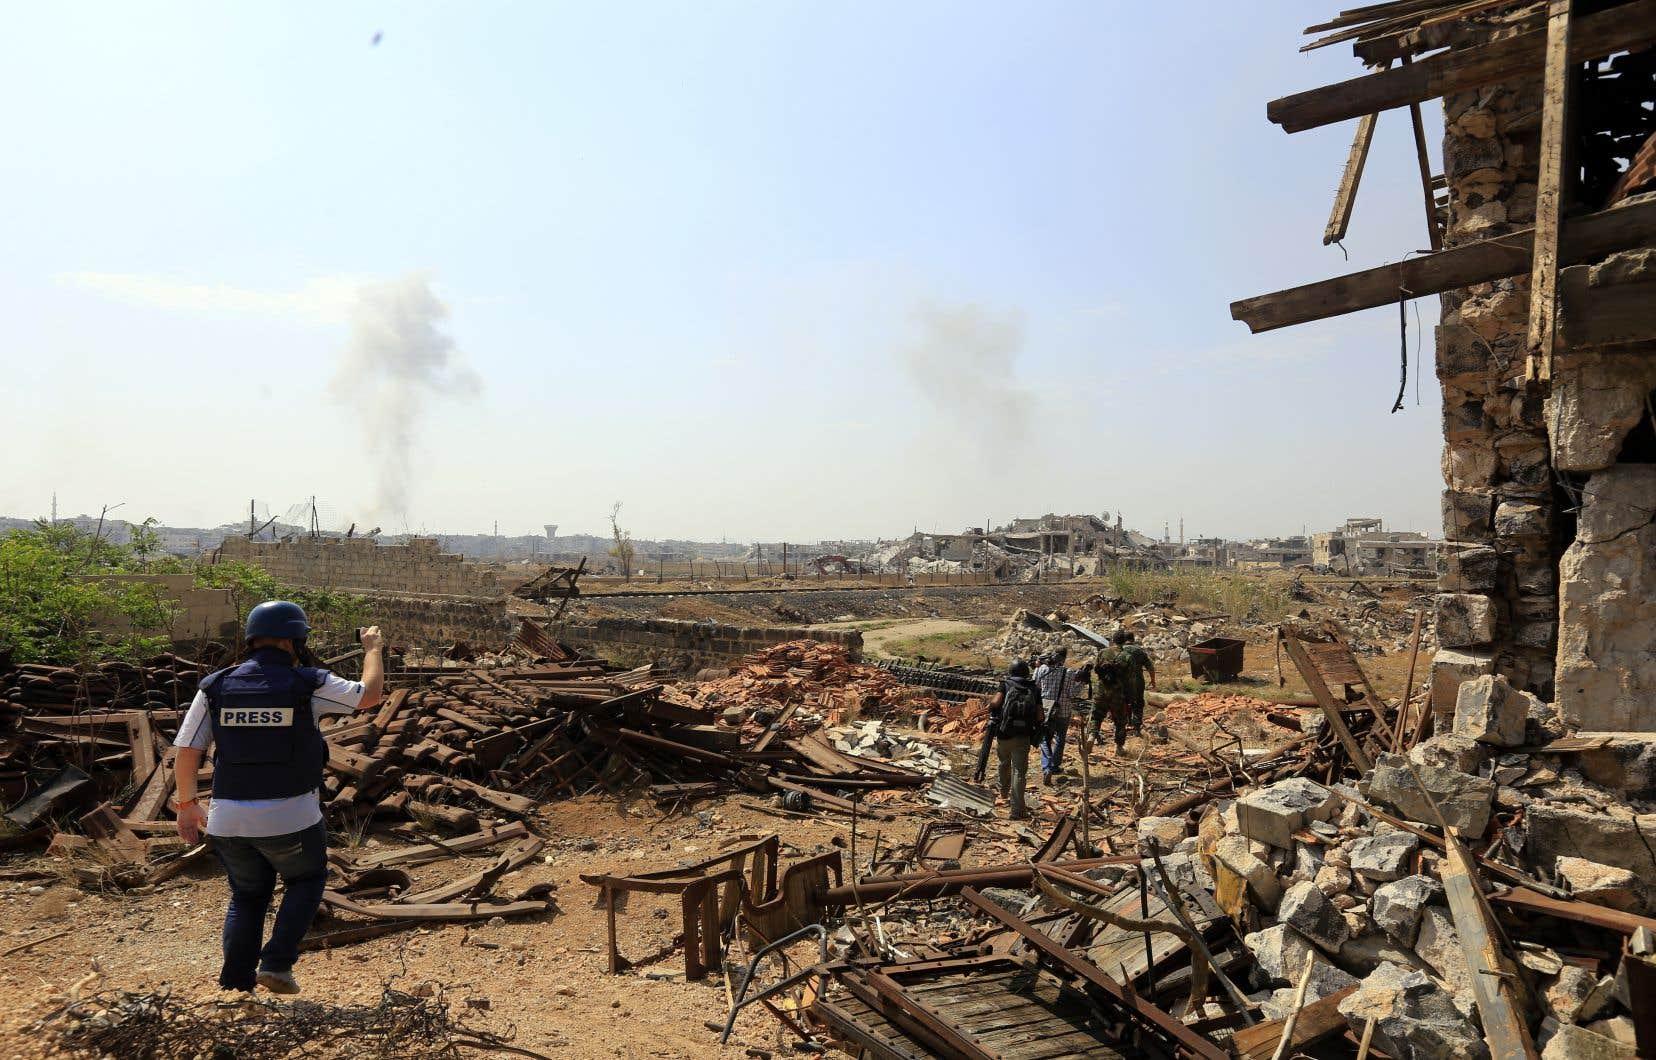 Des colonnes de fumée s'élevaient des abords de Yarmouk après des frappes aériennes, a rapporté un correspondant de l'AFP qui participait à une visite de journalistes organisée par les autorités.